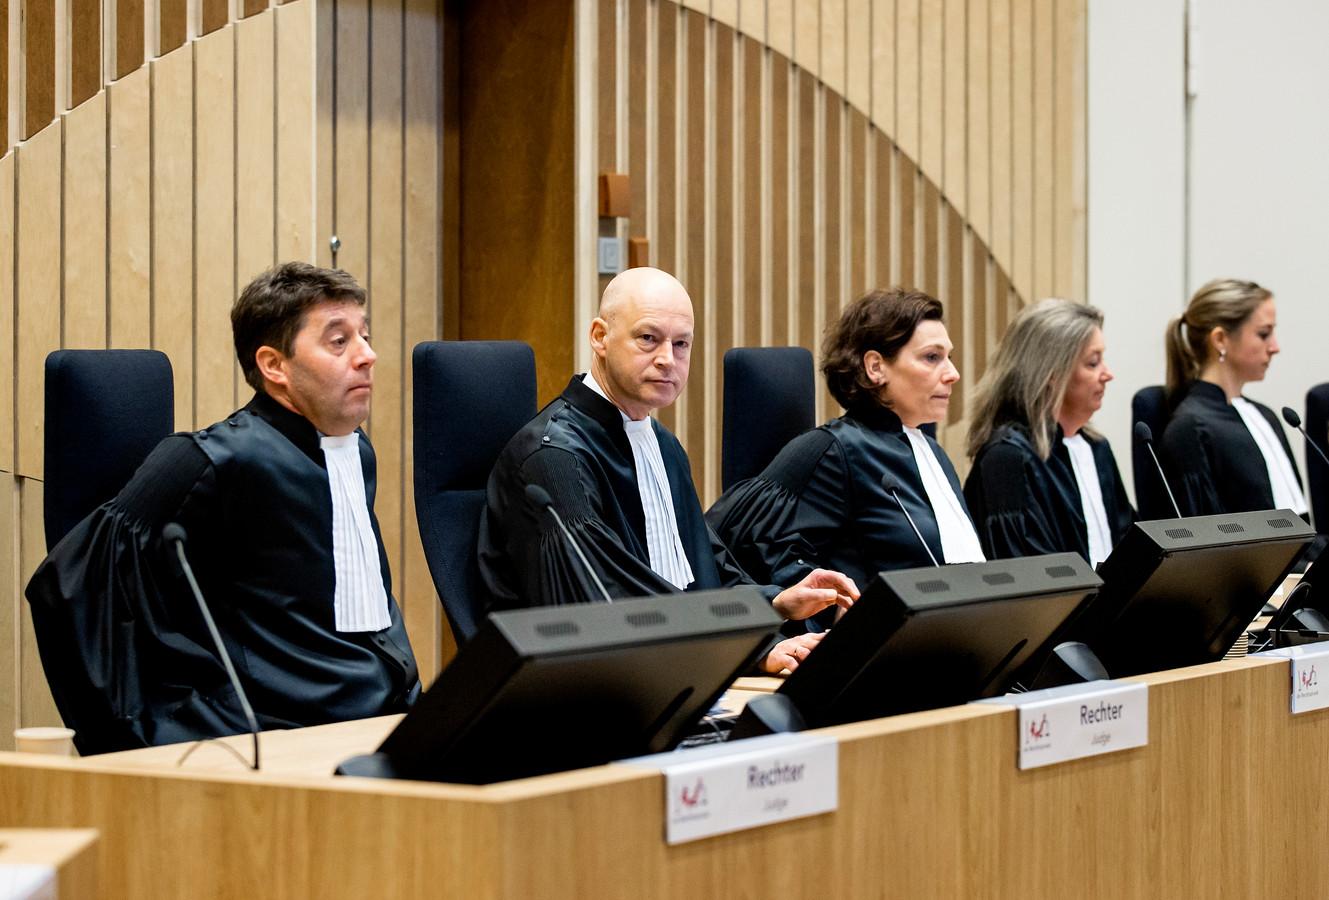 De rechtbank in het zwaarbeveiligde Justitieel Complex Schiphol, waar het internationale MH17-proces plaatsvindt.